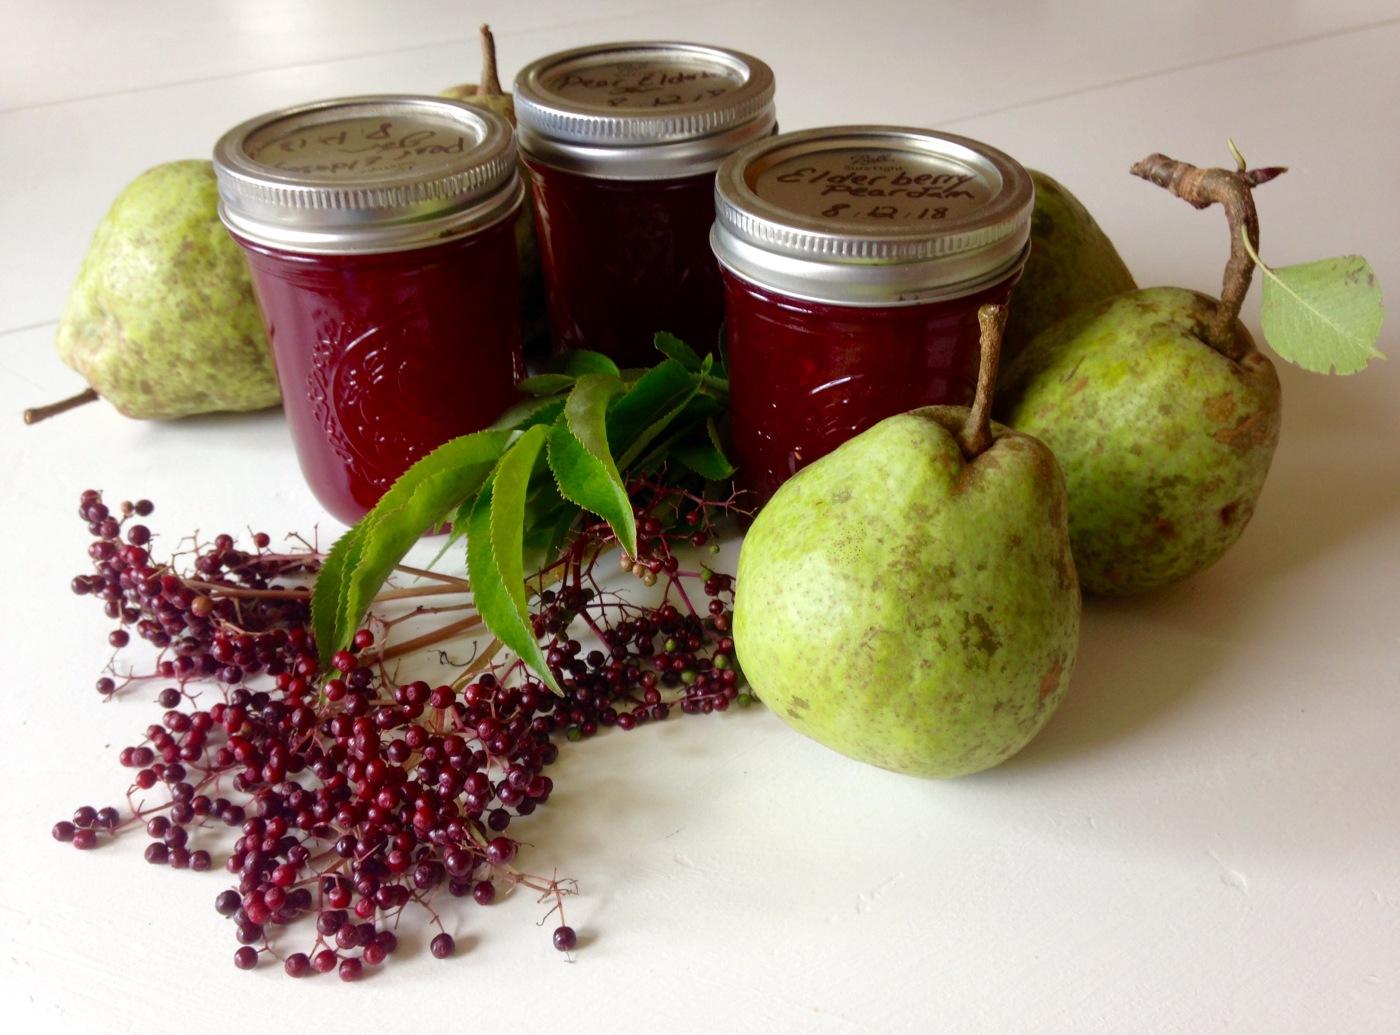 Jars of elderberry pear jam